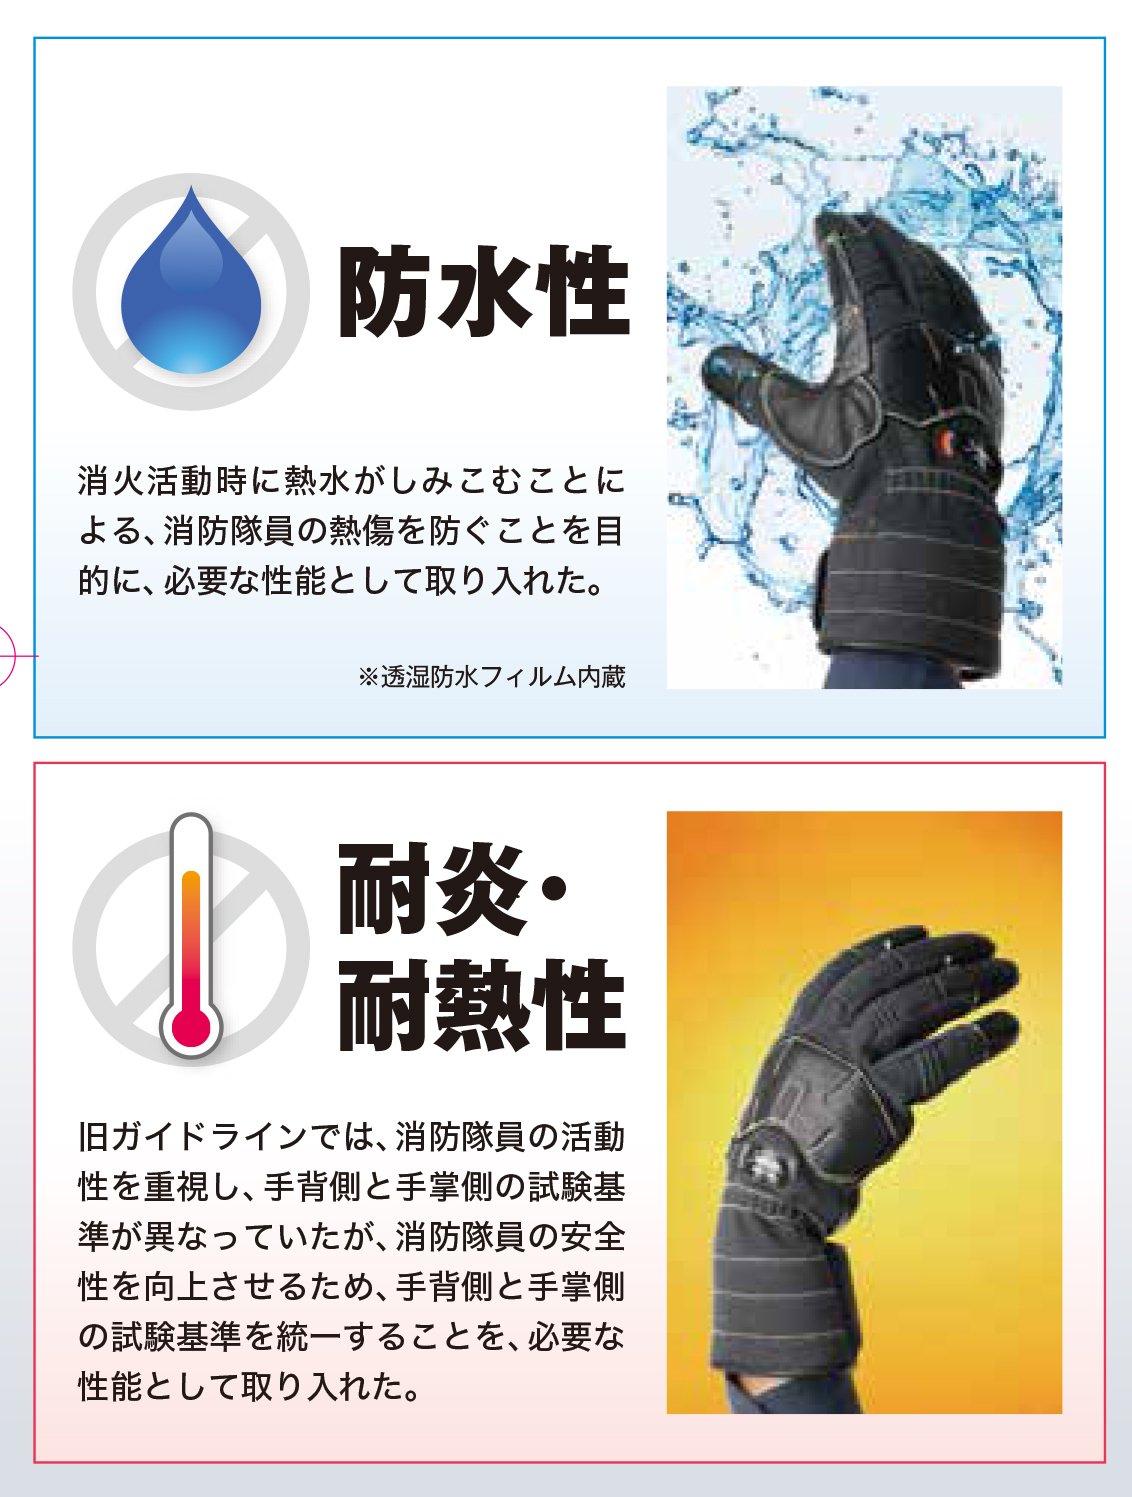 シモン 防火手袋 KG-180 【新ガイドライン対応】【画像2】